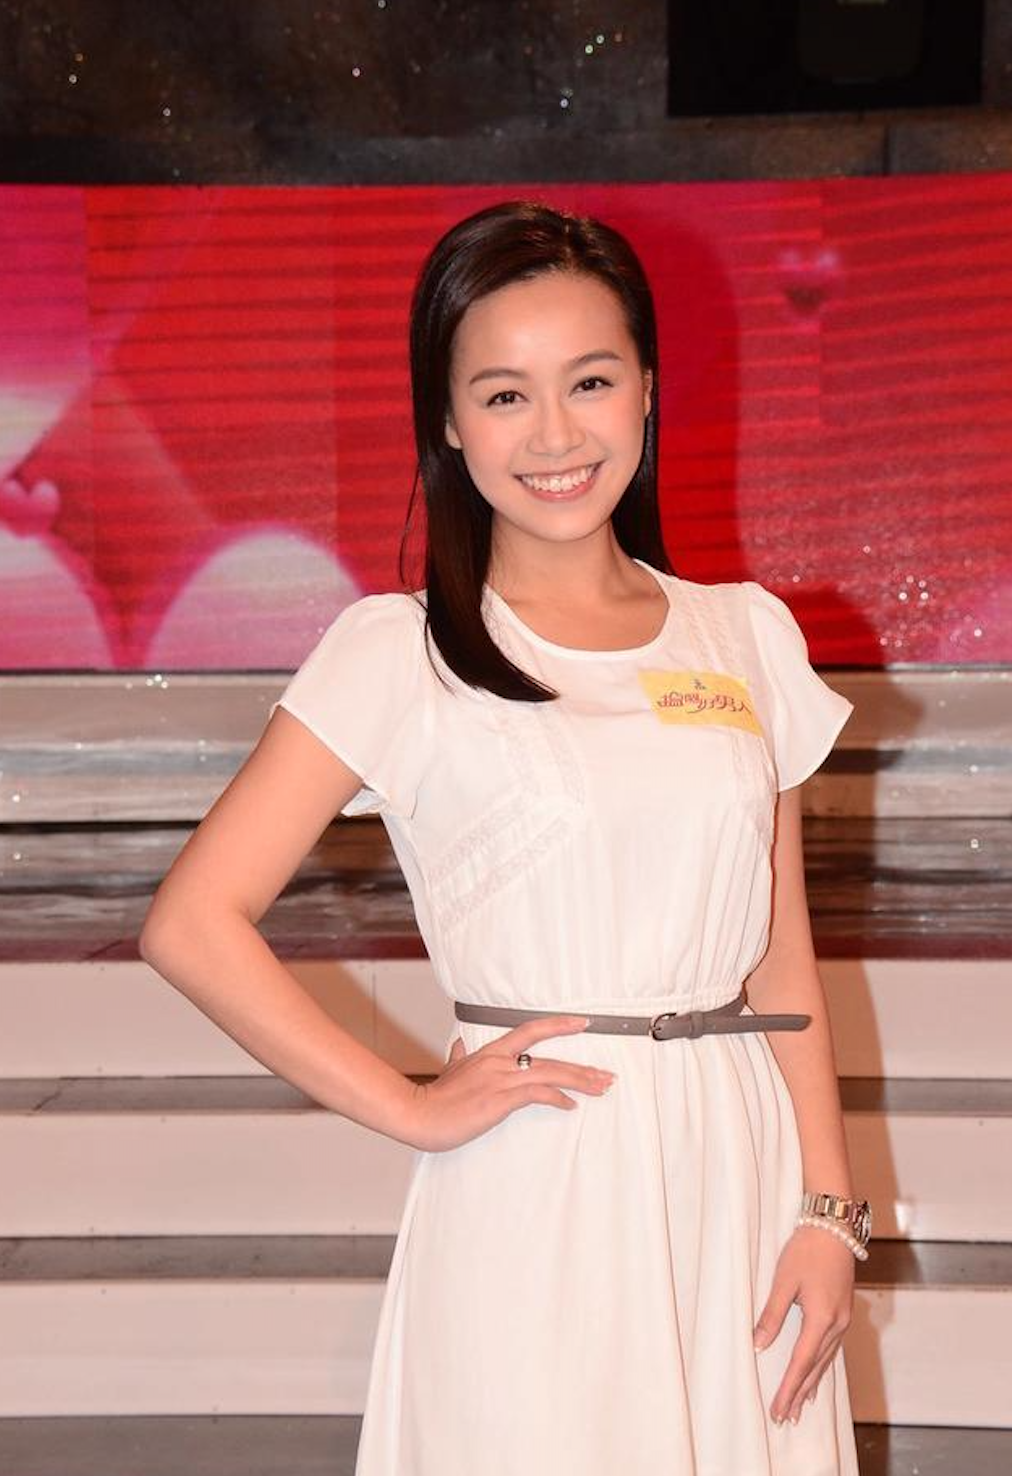 <b>黄心颖丑闻令TVB损失大浪费4部剧演员心血,黄浩然都忍不住痛骂?</b>